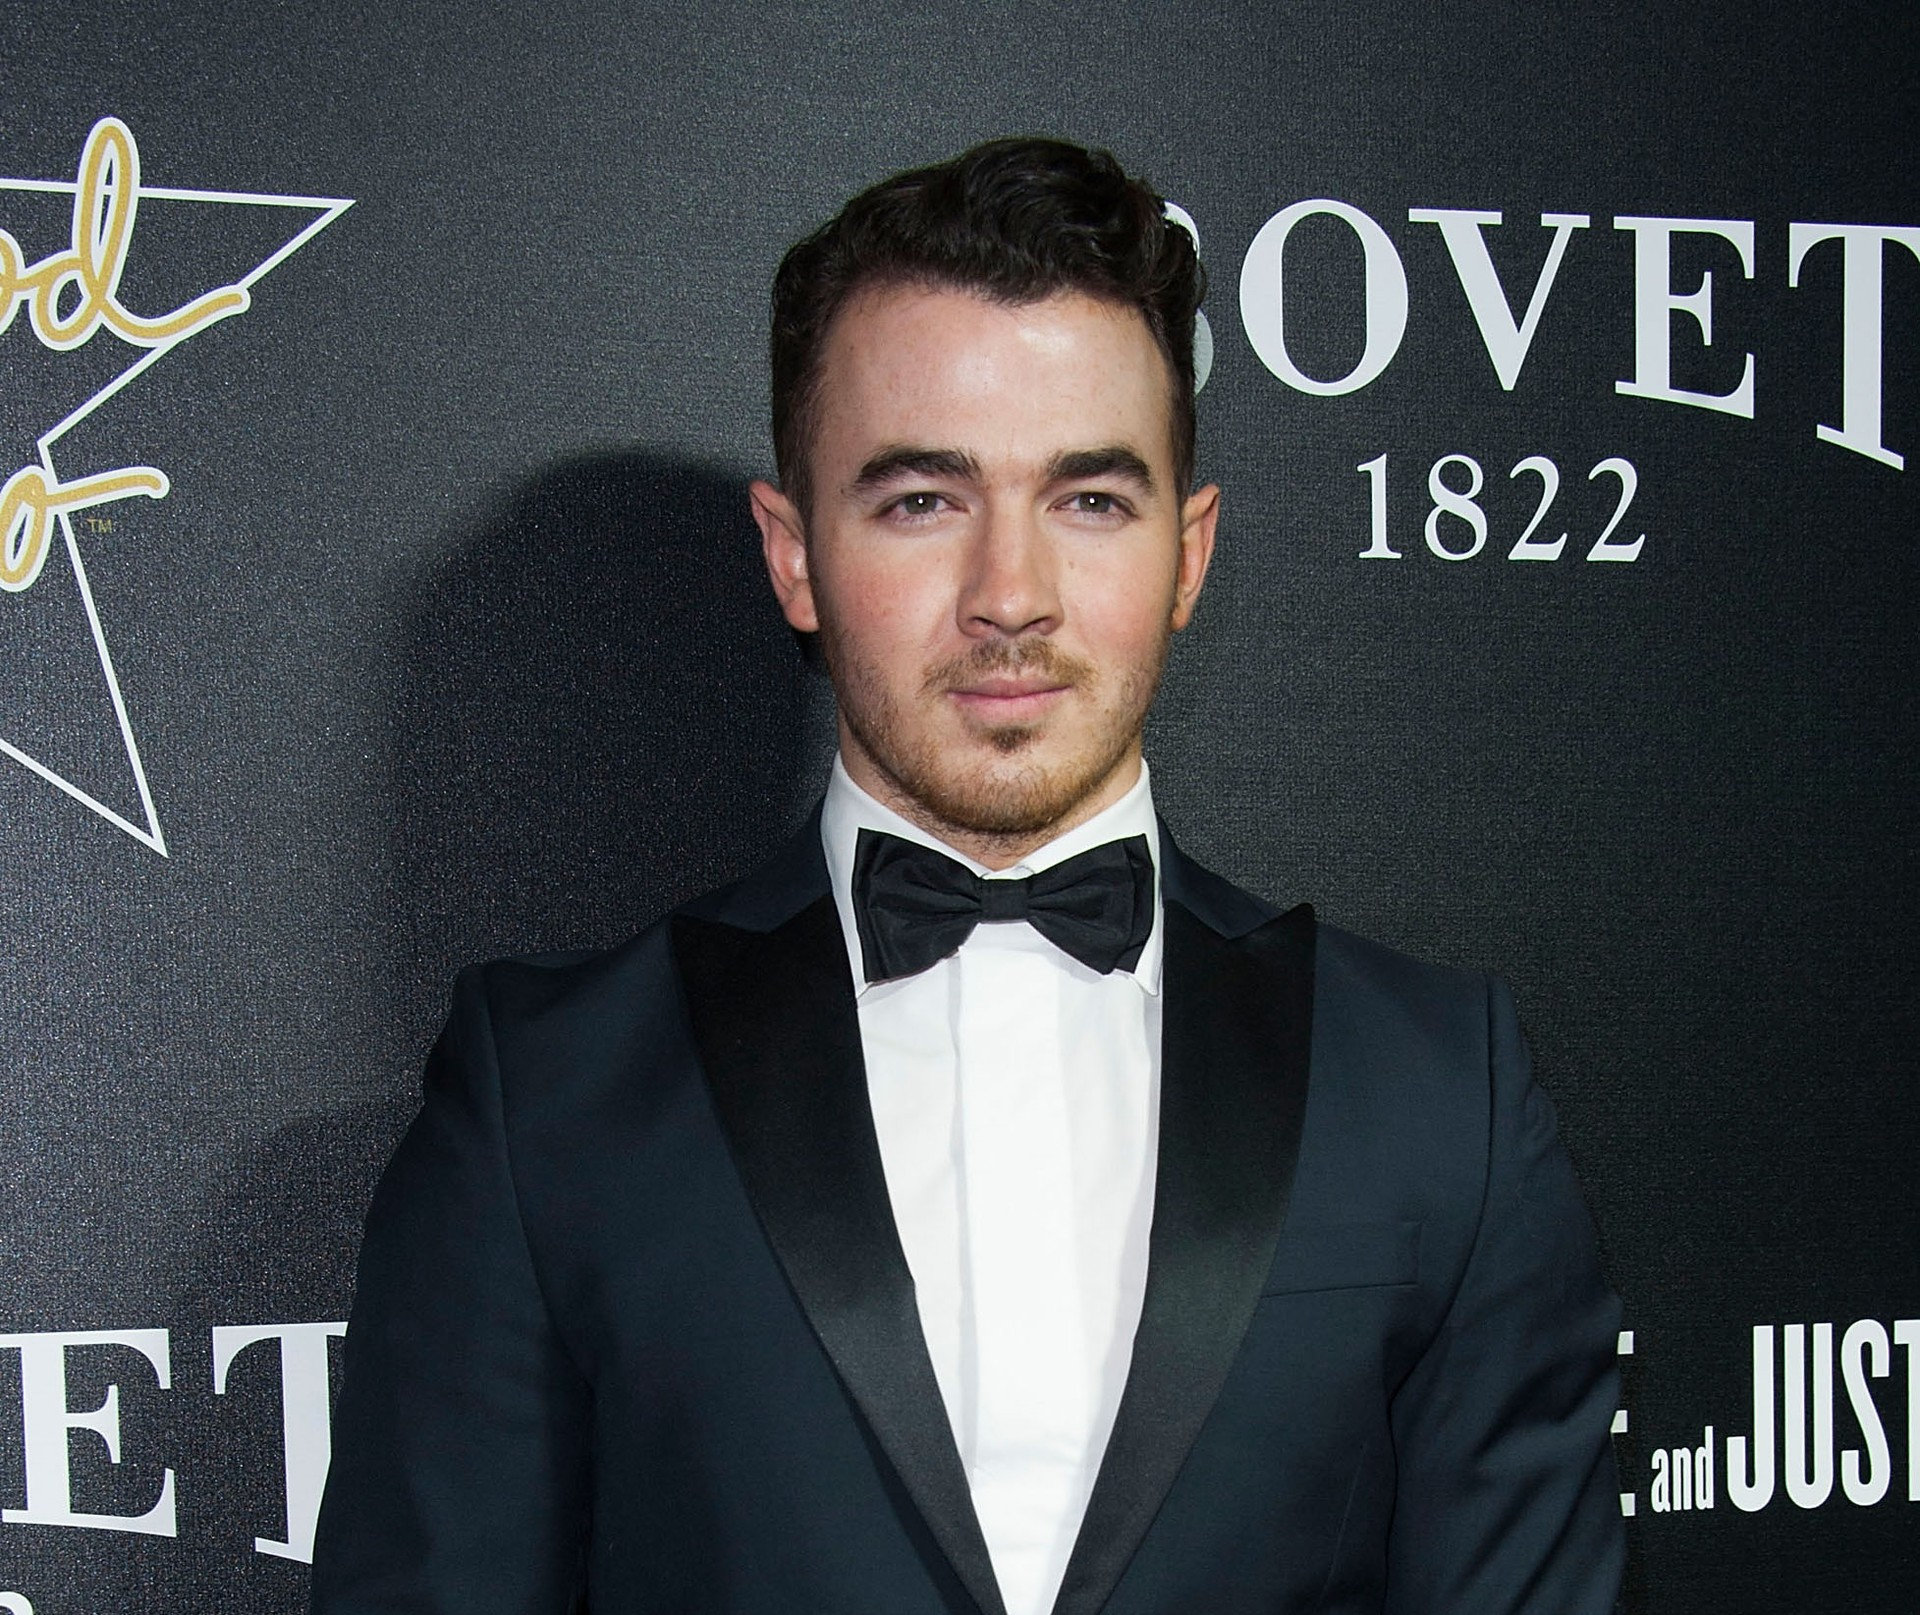 O mais velho dos Jonas Brothers, Kevin, subiu ao altar virgem, quando tinha 22 anos, em 2009, para se casar com a cabeleireira Danielle Deleasa. (Foto: Getty Images)